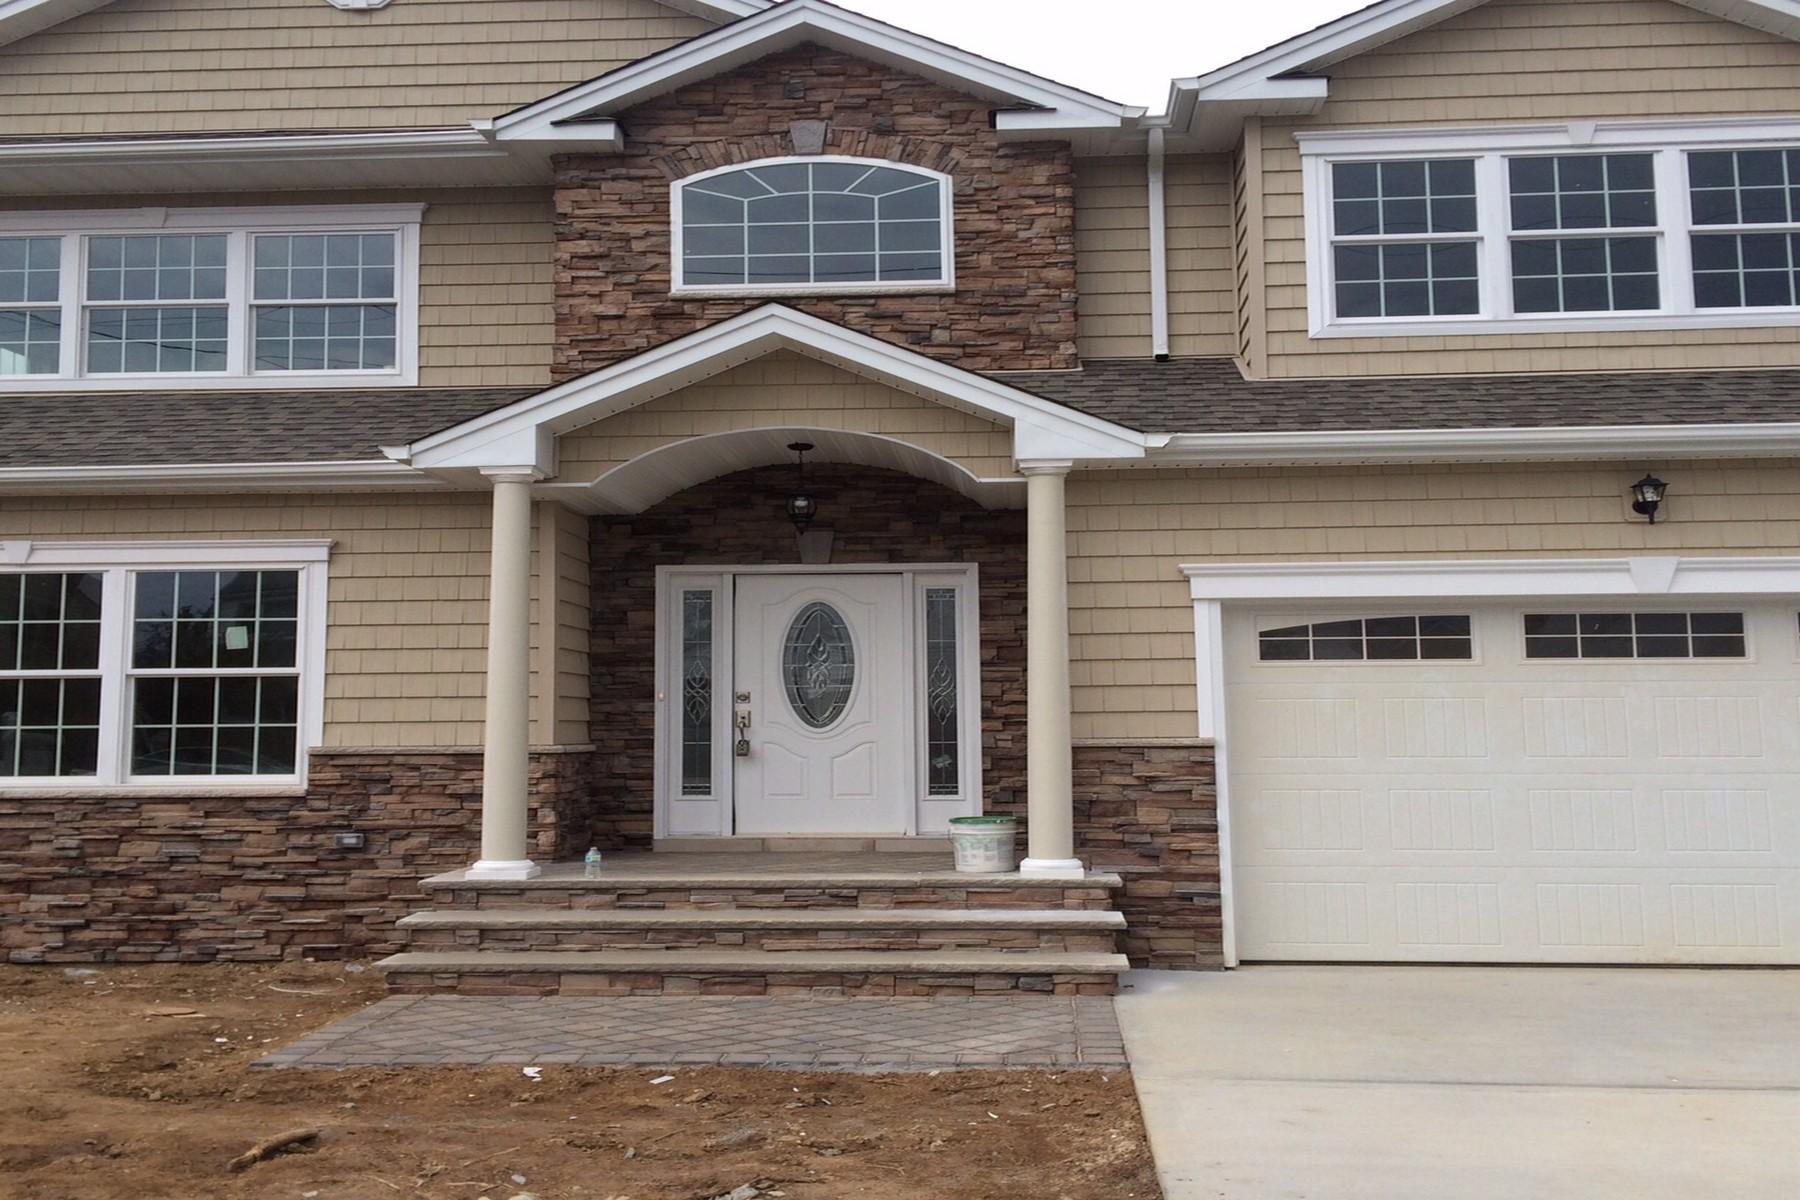 Частный односемейный дом для того Продажа на 384 Elmore Ave , East Meadow, NY 11554 East Meadow, Нью-Йорк, 11554 Соединенные Штаты